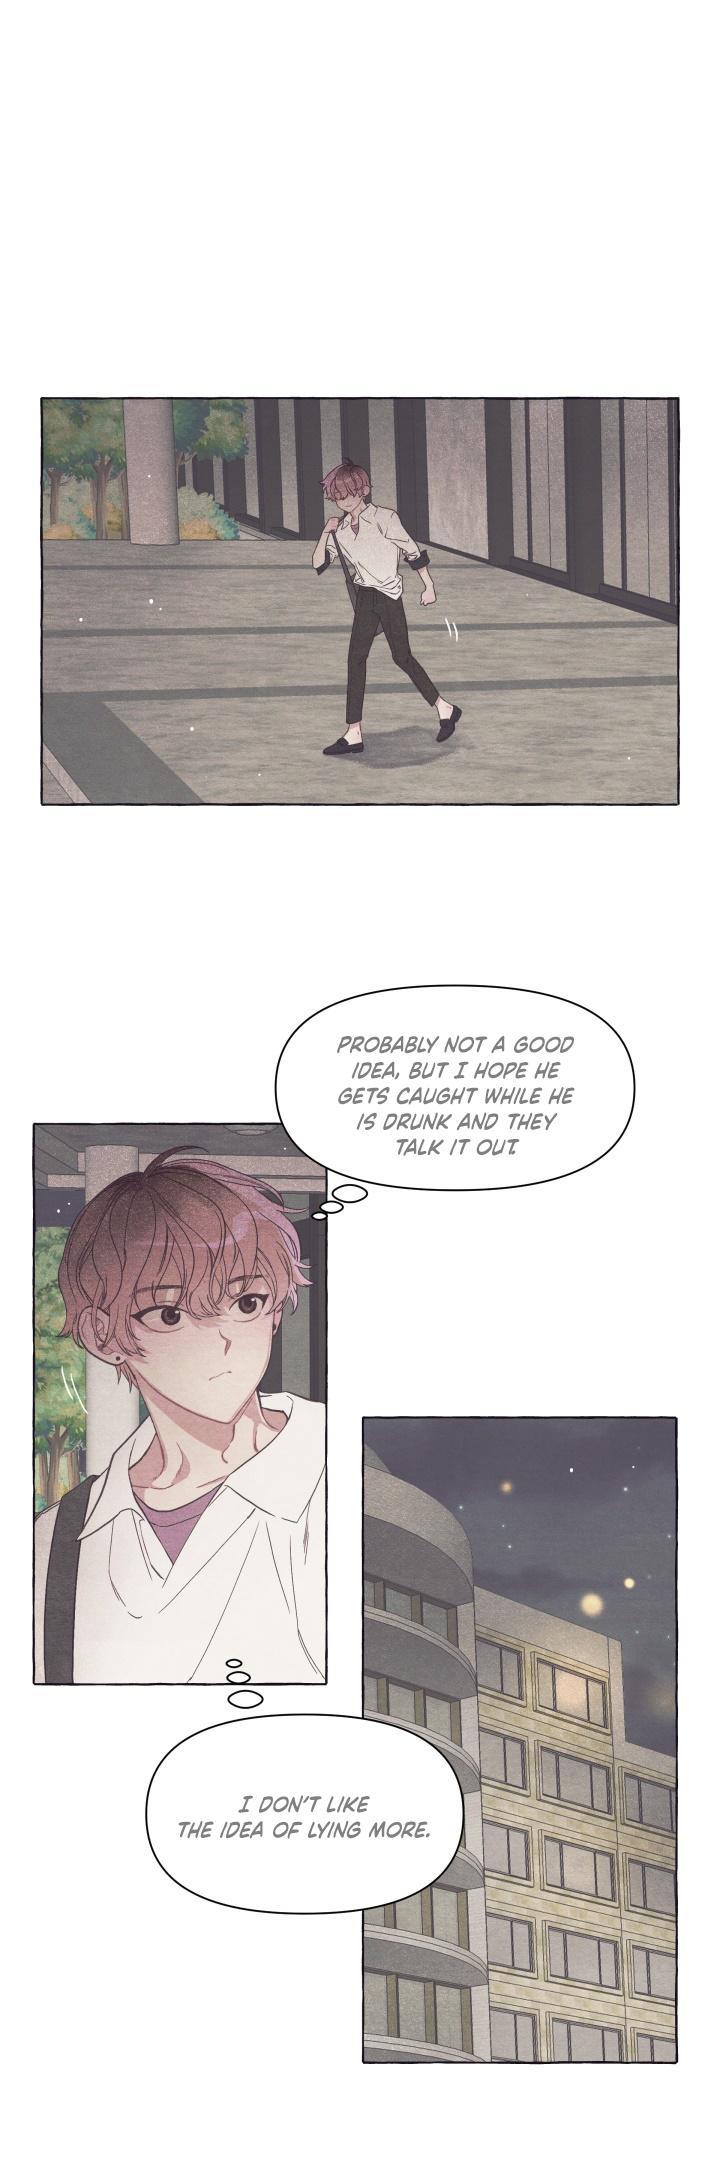 My Friend From Ojakgyo Bridge Chapter 9 page 3 - Mangakakalots.com